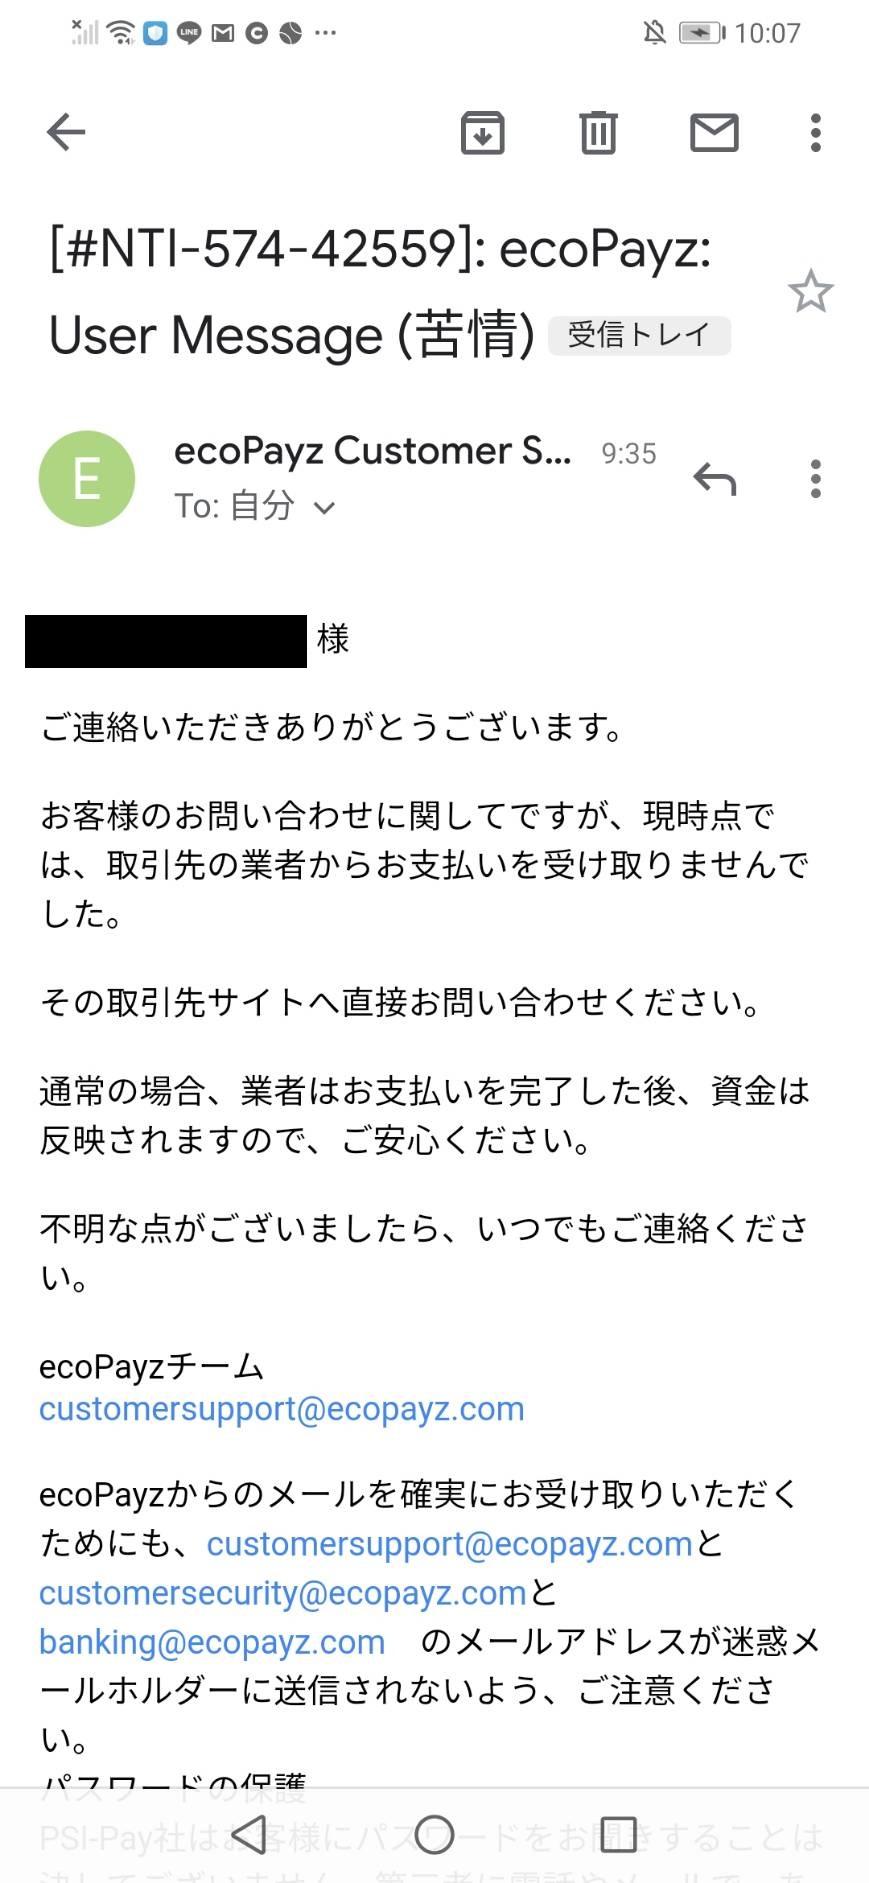 ご 連絡 いただき ありがとう ござい ます